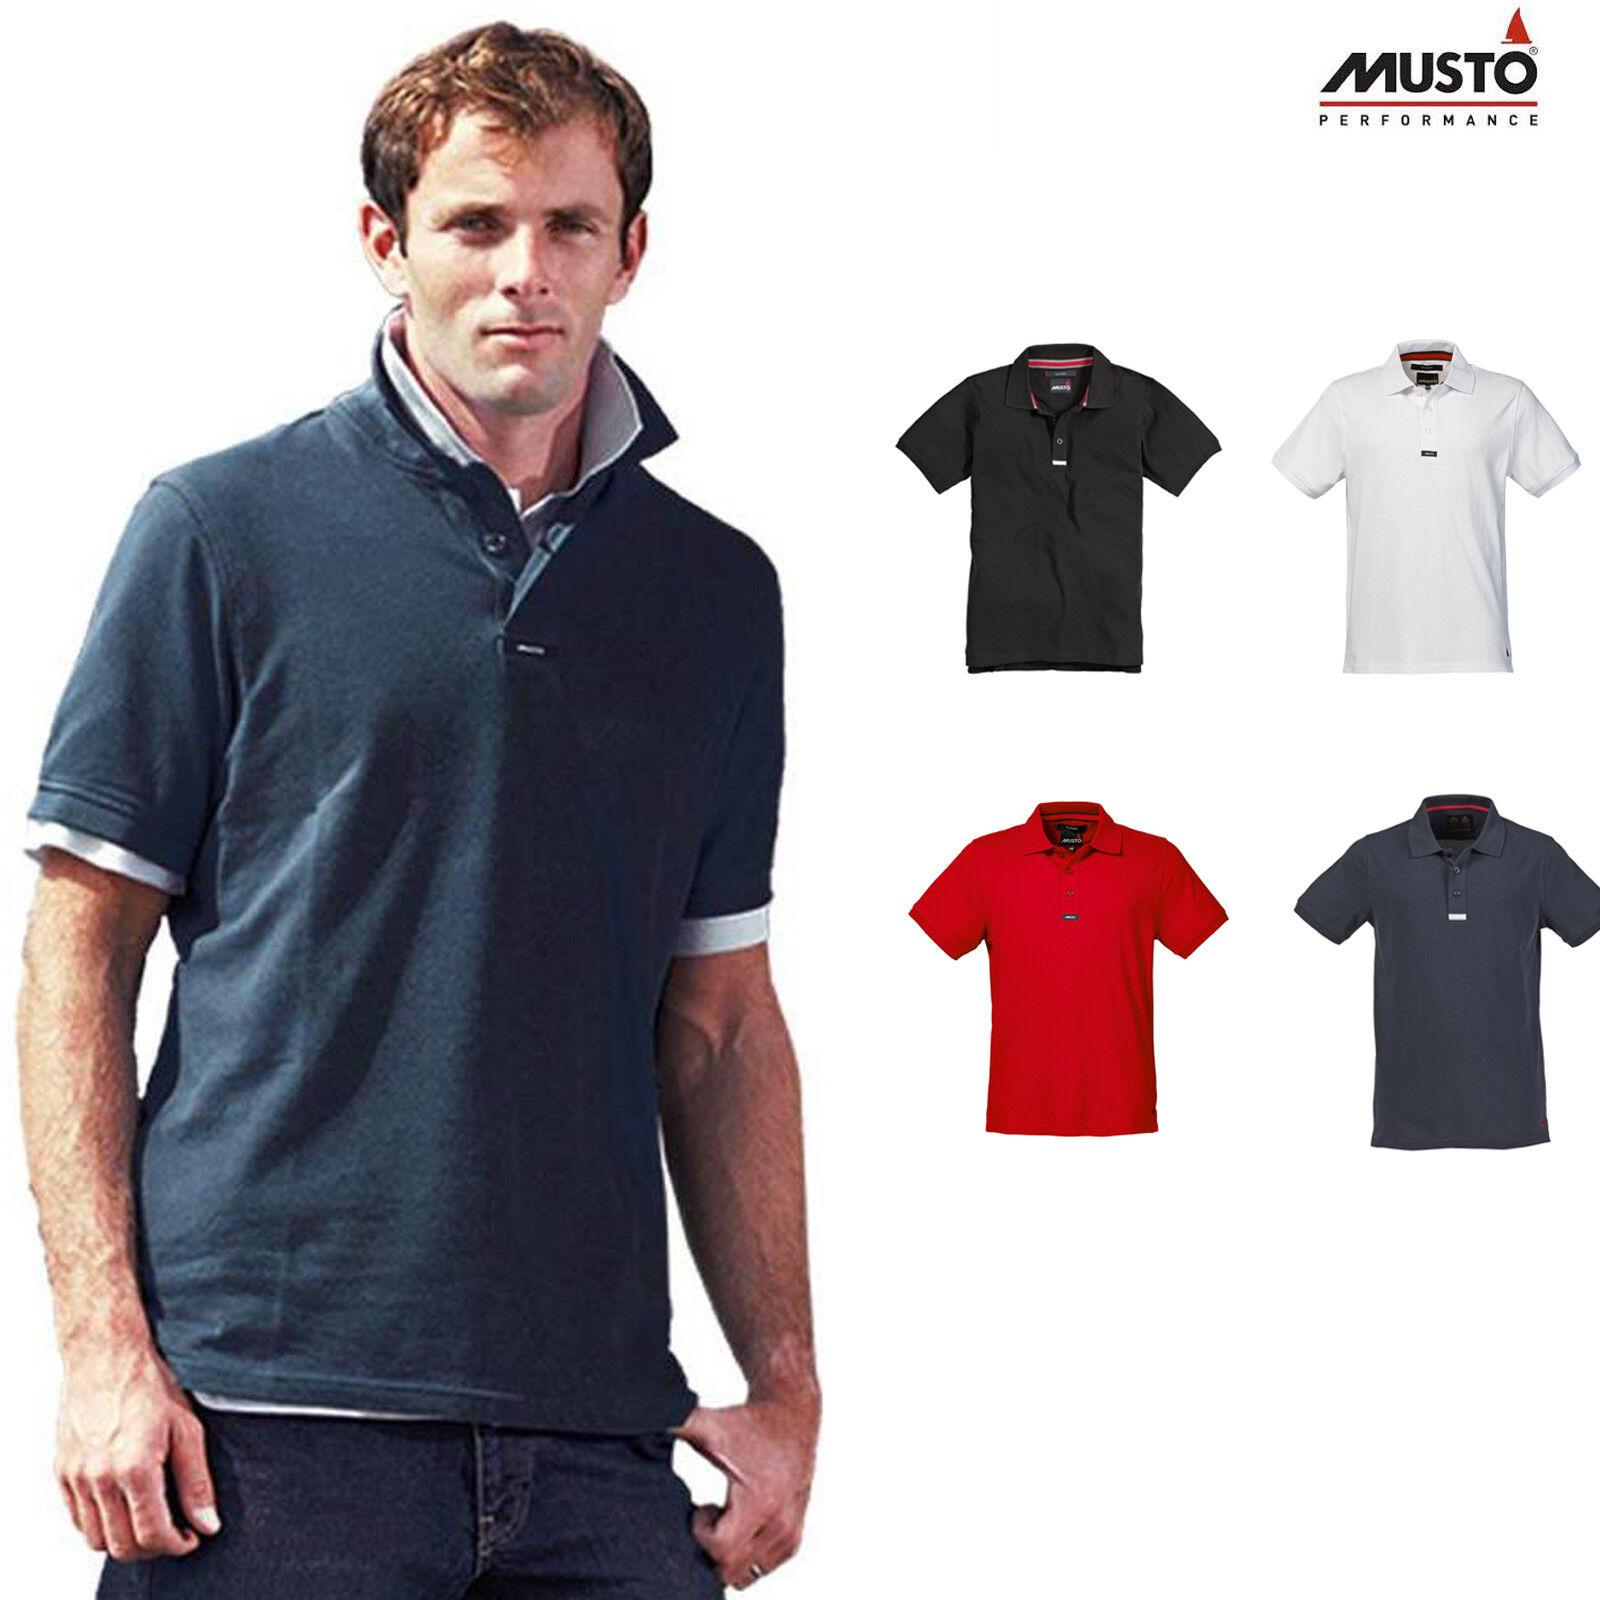 Musto Team Pique Polo Short Sleeve T-Shirt MP24227CC